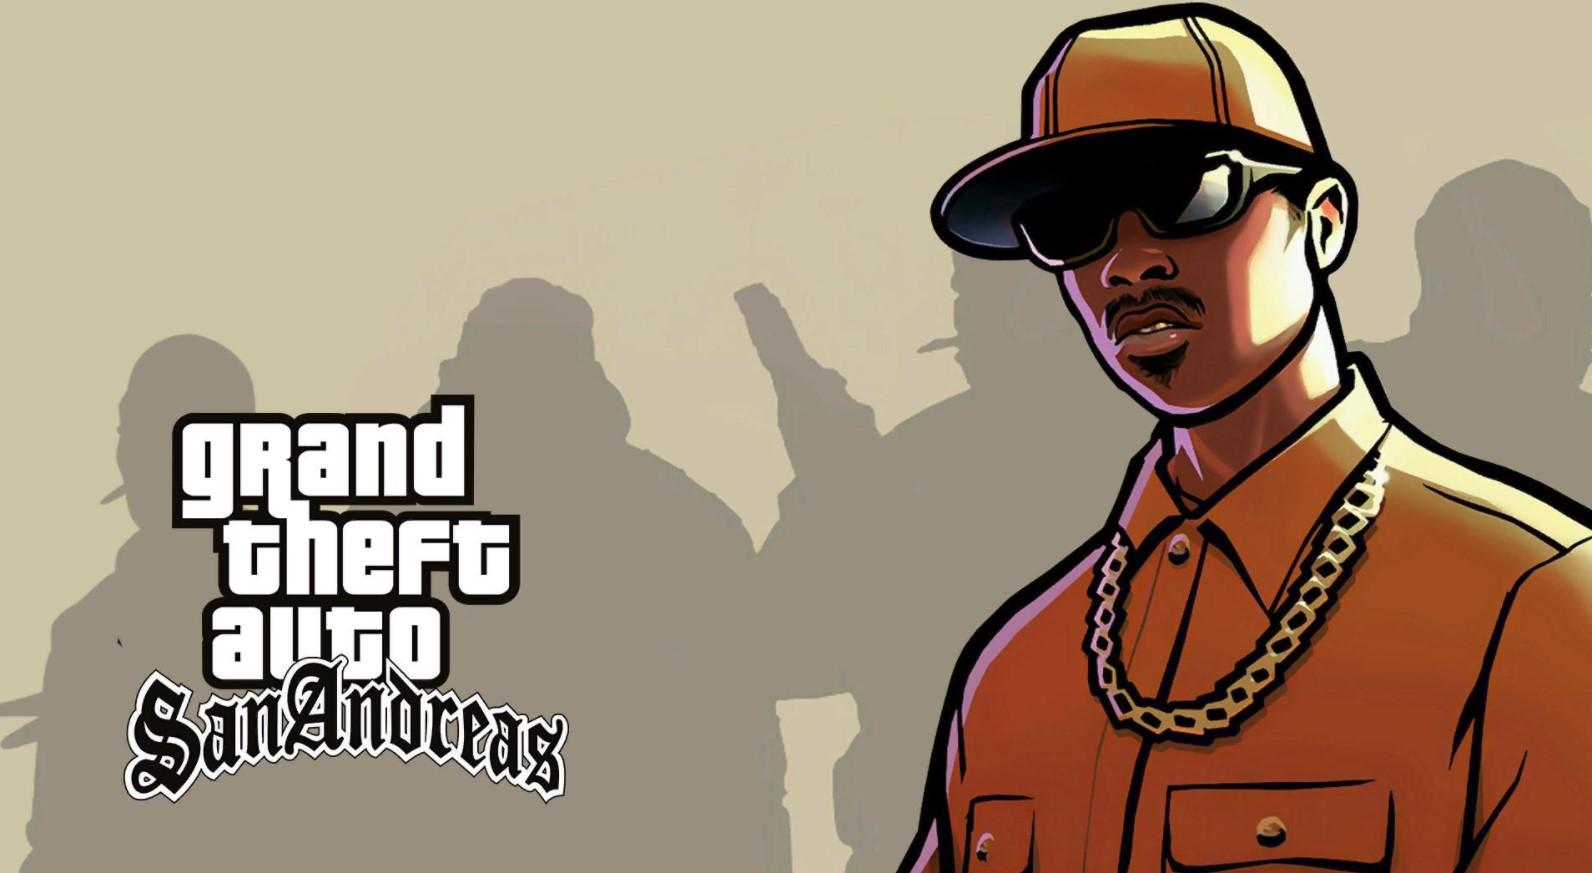 GTA San Andreas PC Setup Full Game Free Download